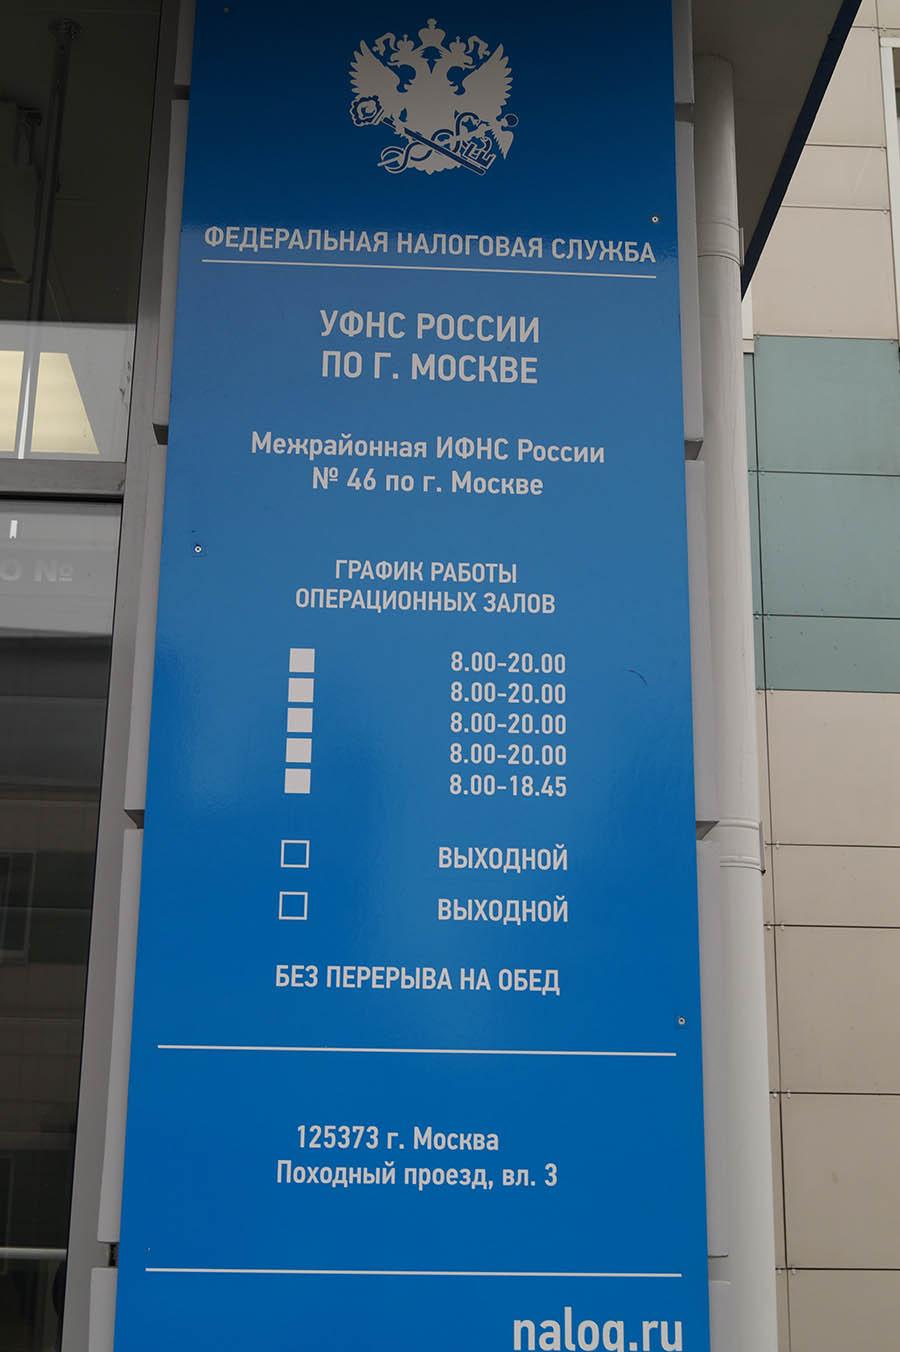 график работы ифнс россии по г. курску